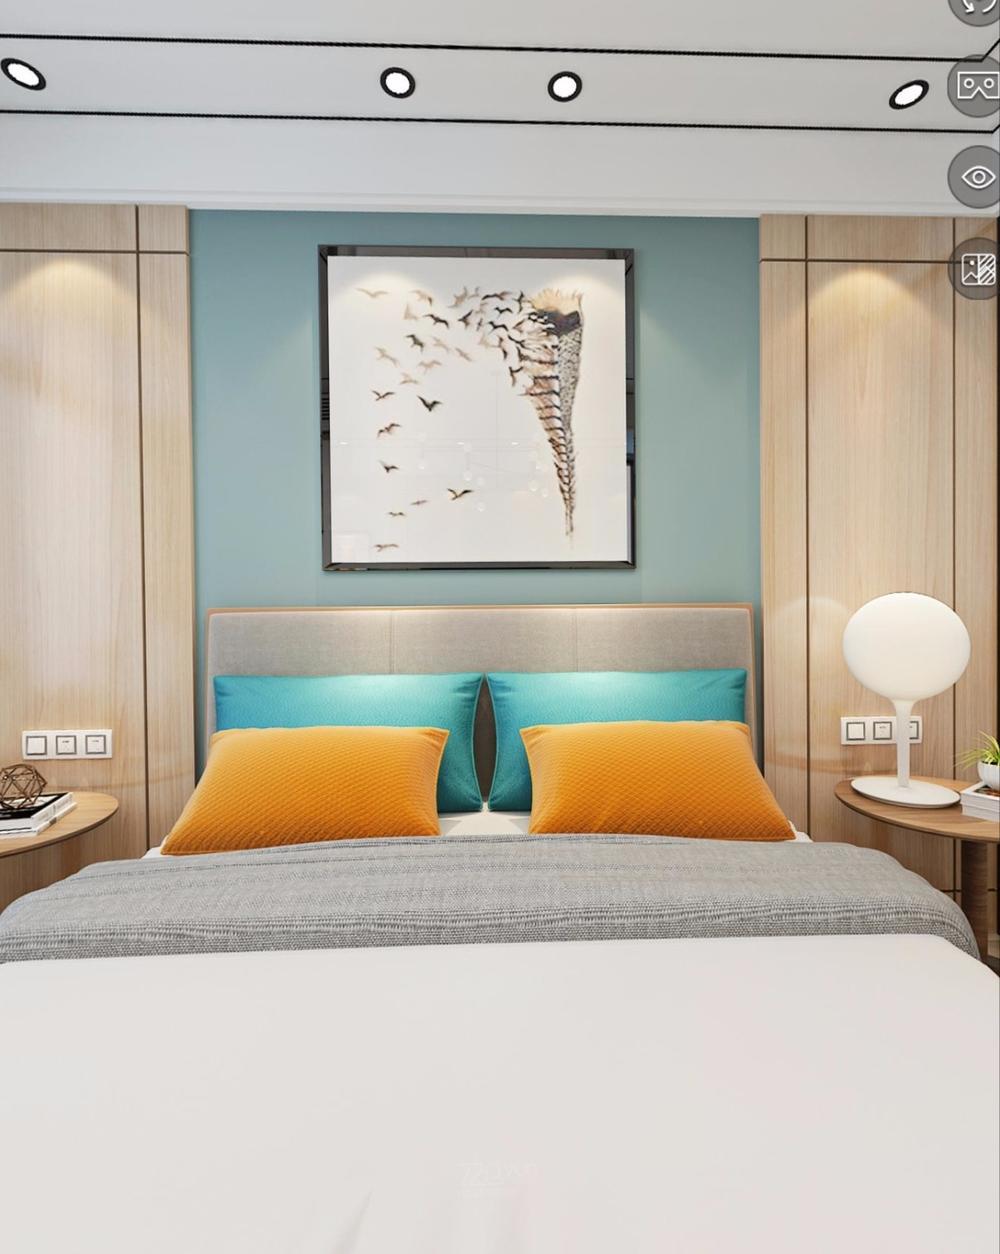 床头背景,原木搭配蓝灰色的乳胶漆,清新